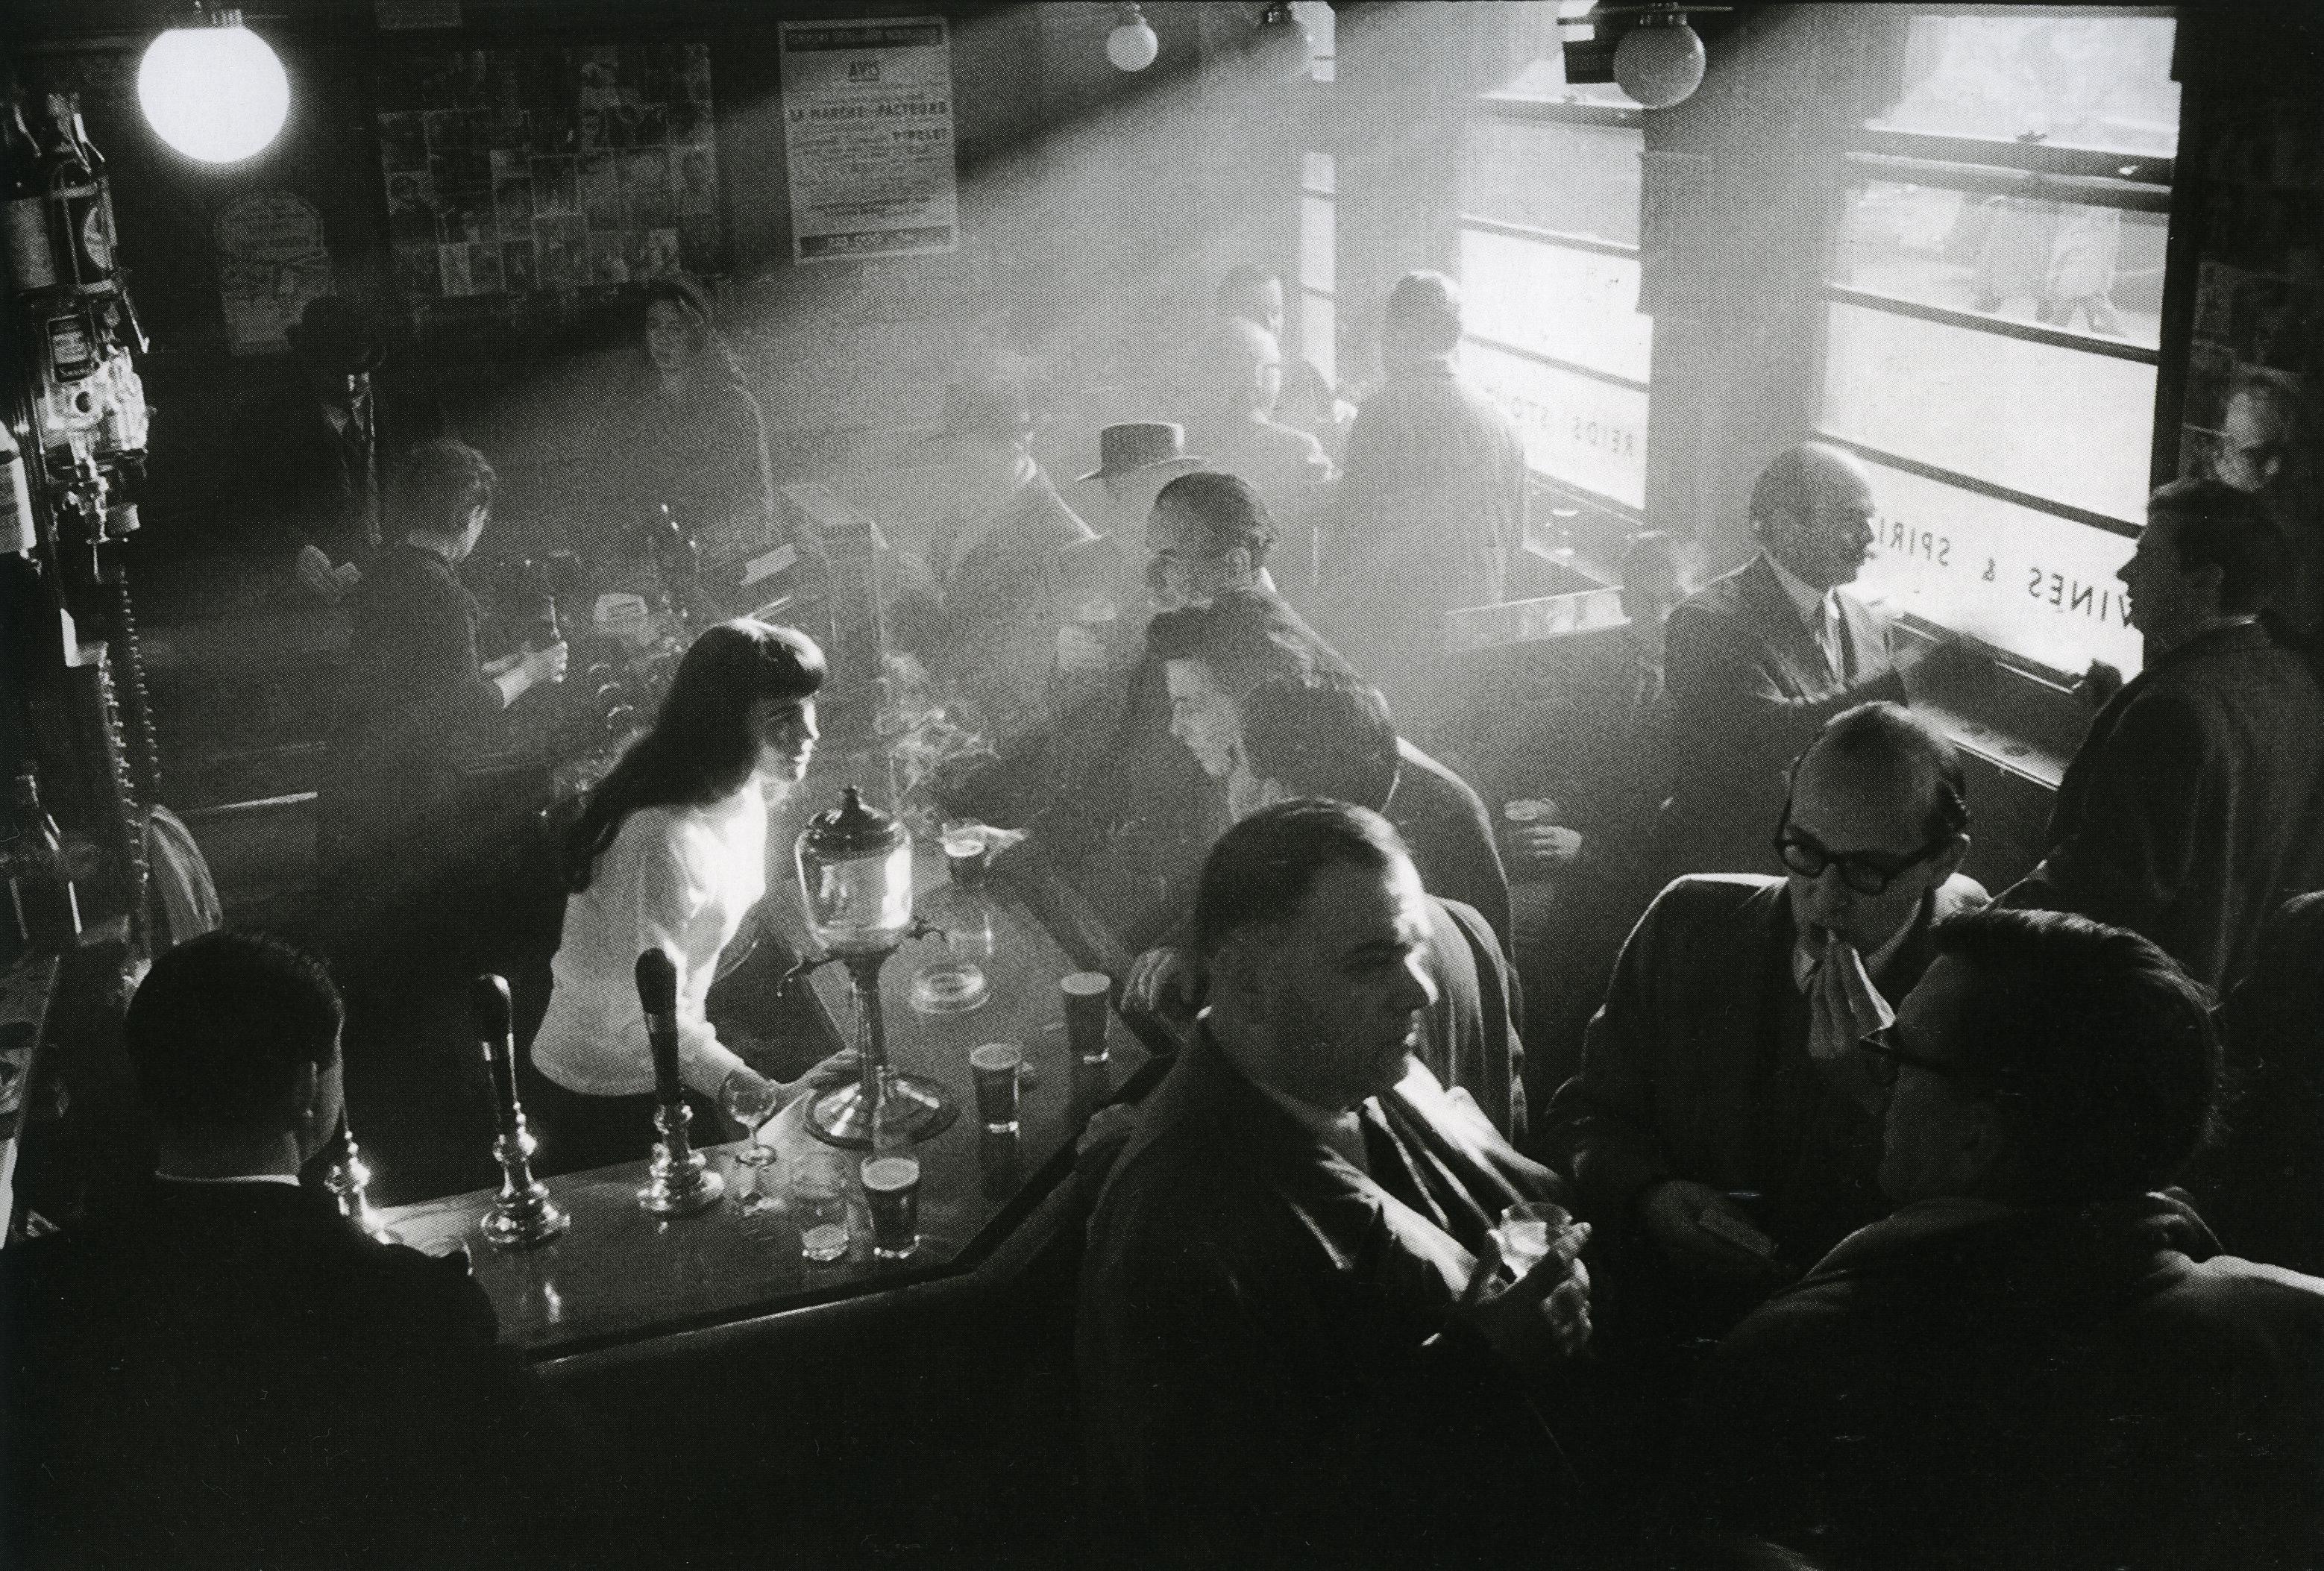 Ronis_Pub à Soho, Londres, 1955_p155